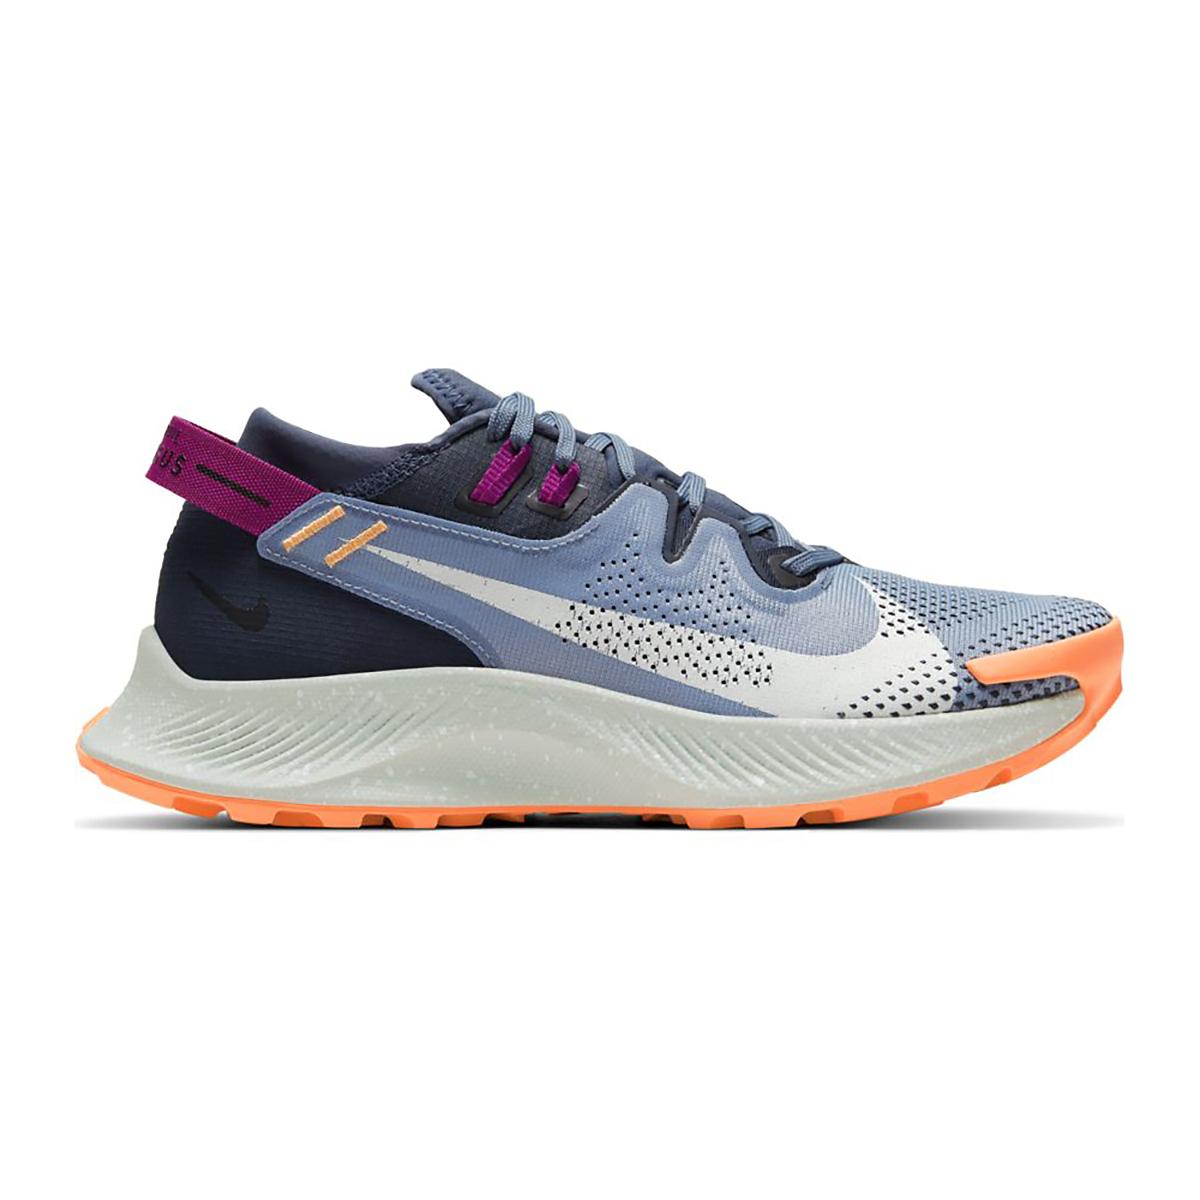 Women's Nike Nike Pegasus Trail 2 Trail Running Shoe - Color: Thunder Blue/Photon Dust/Ashen Slate - Size: 5 - Width: Regular, Thunder Blue/Photon Dust/Ashen Slate, large, image 1